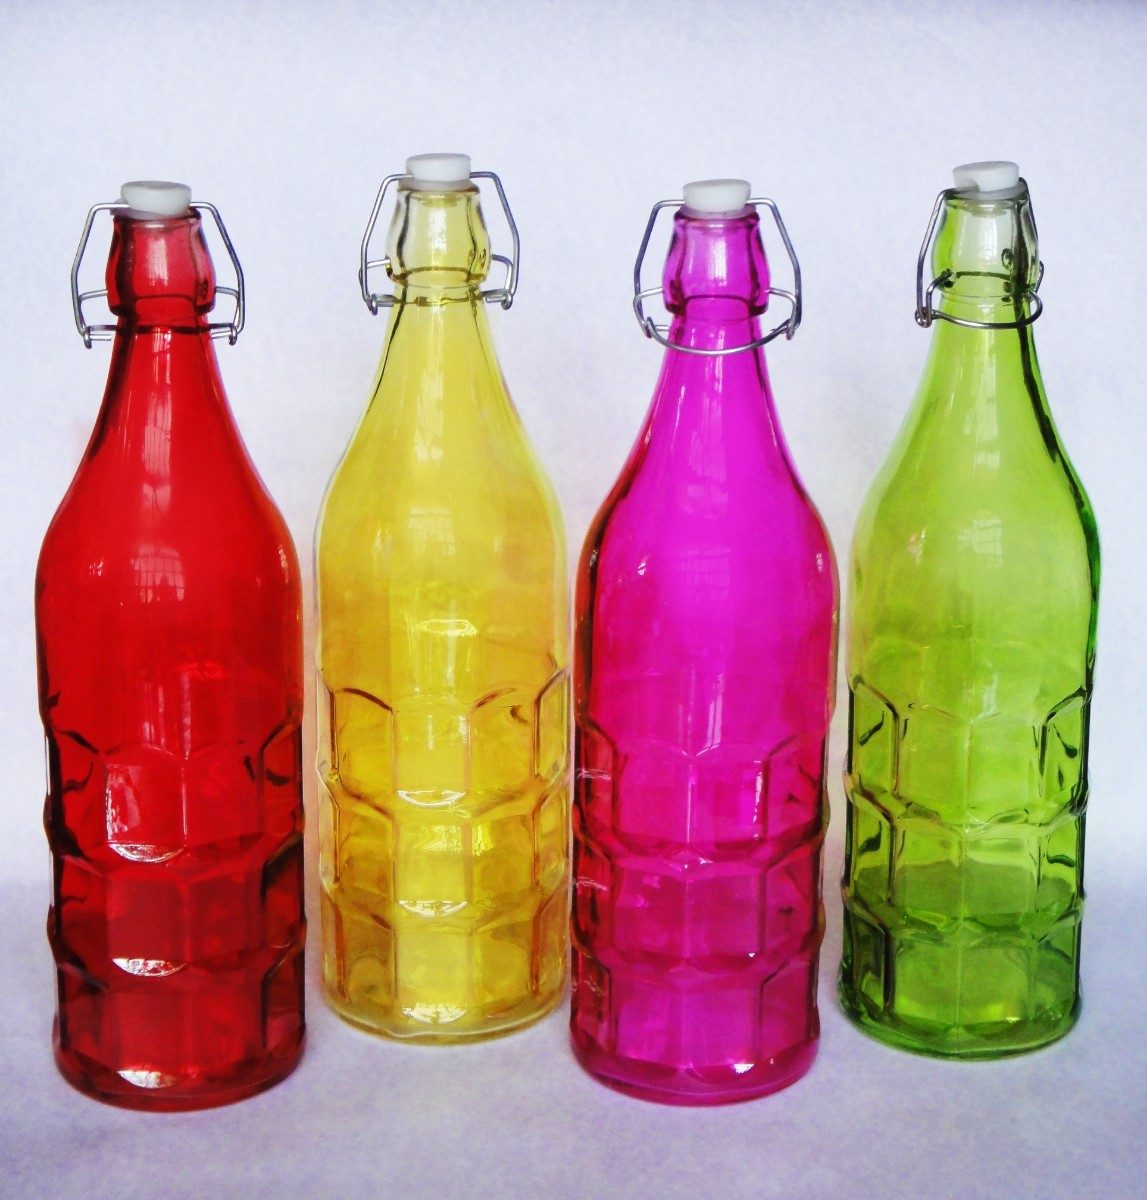 Botellas de vidrio vac as recuerdo fiesta bebida mesa - Botellas de vidrio para regalo ...